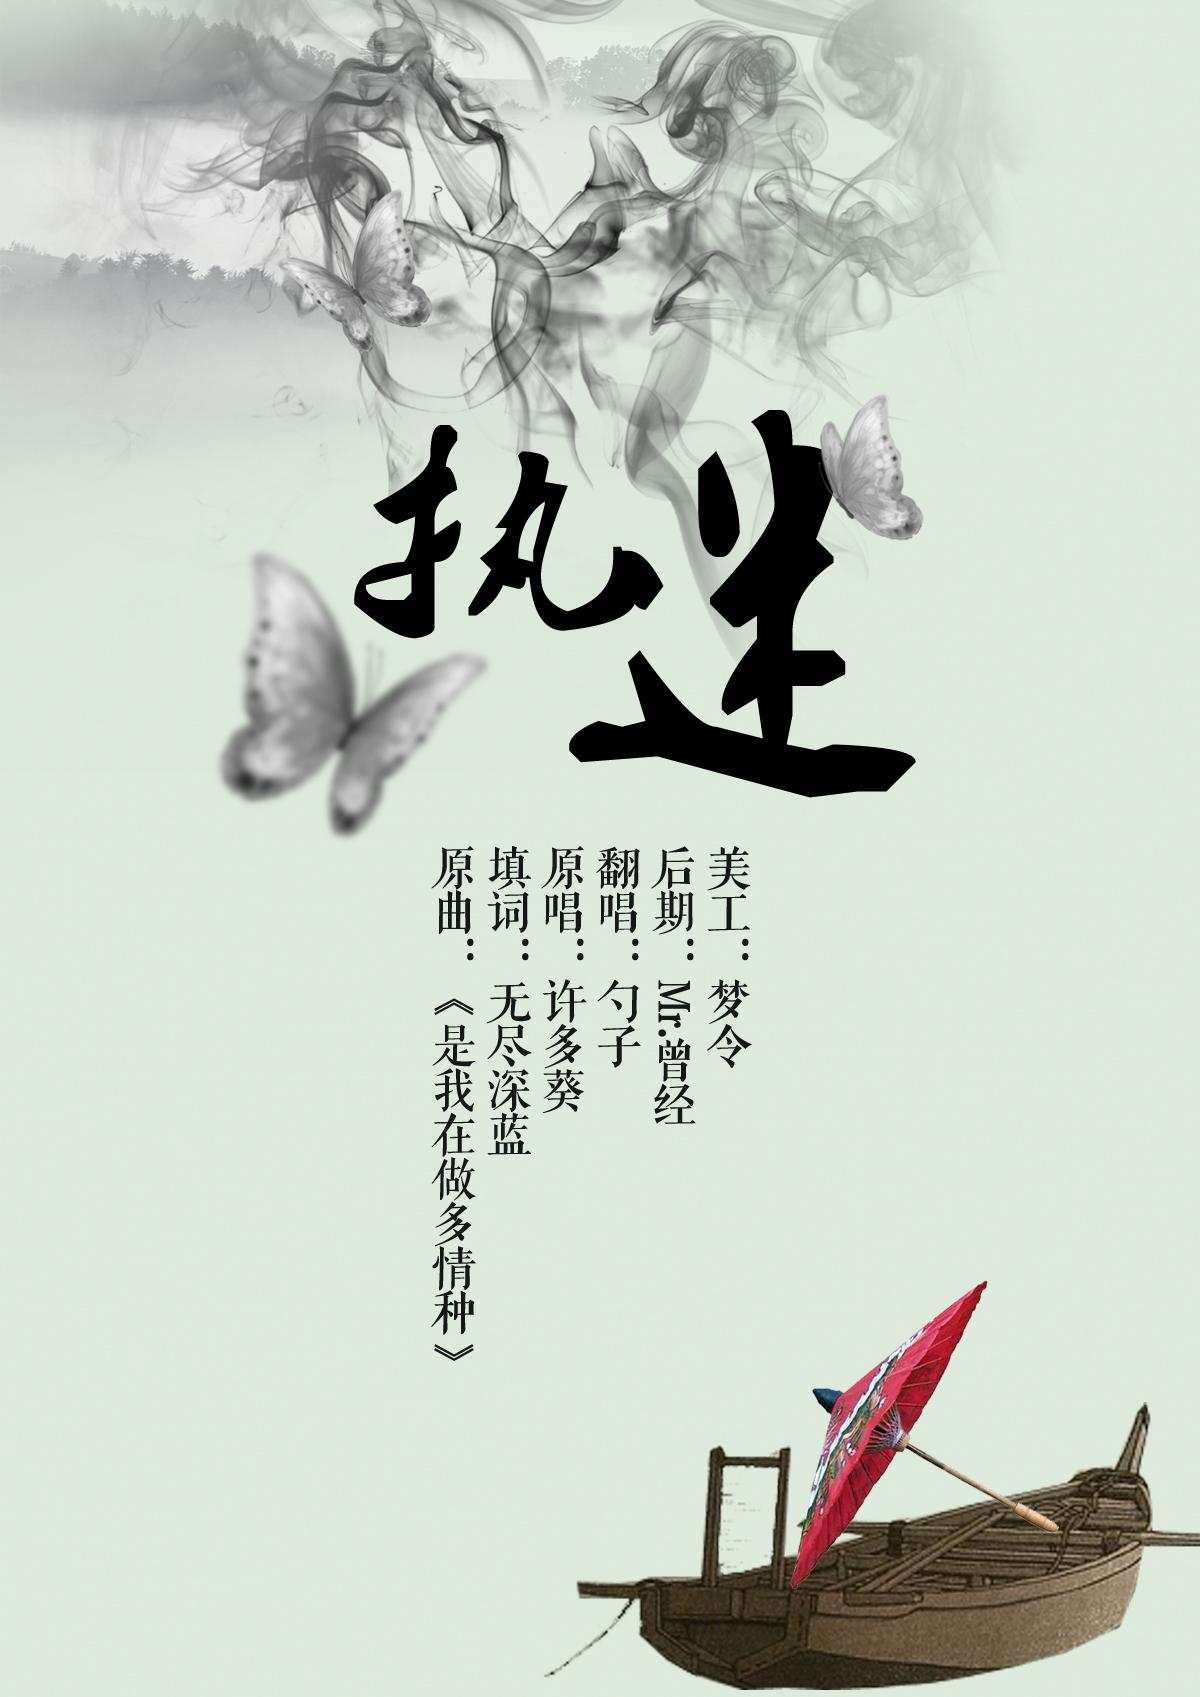 表情 古翻 执迷 Clever勺子 5SING中国原创音乐基地 表情